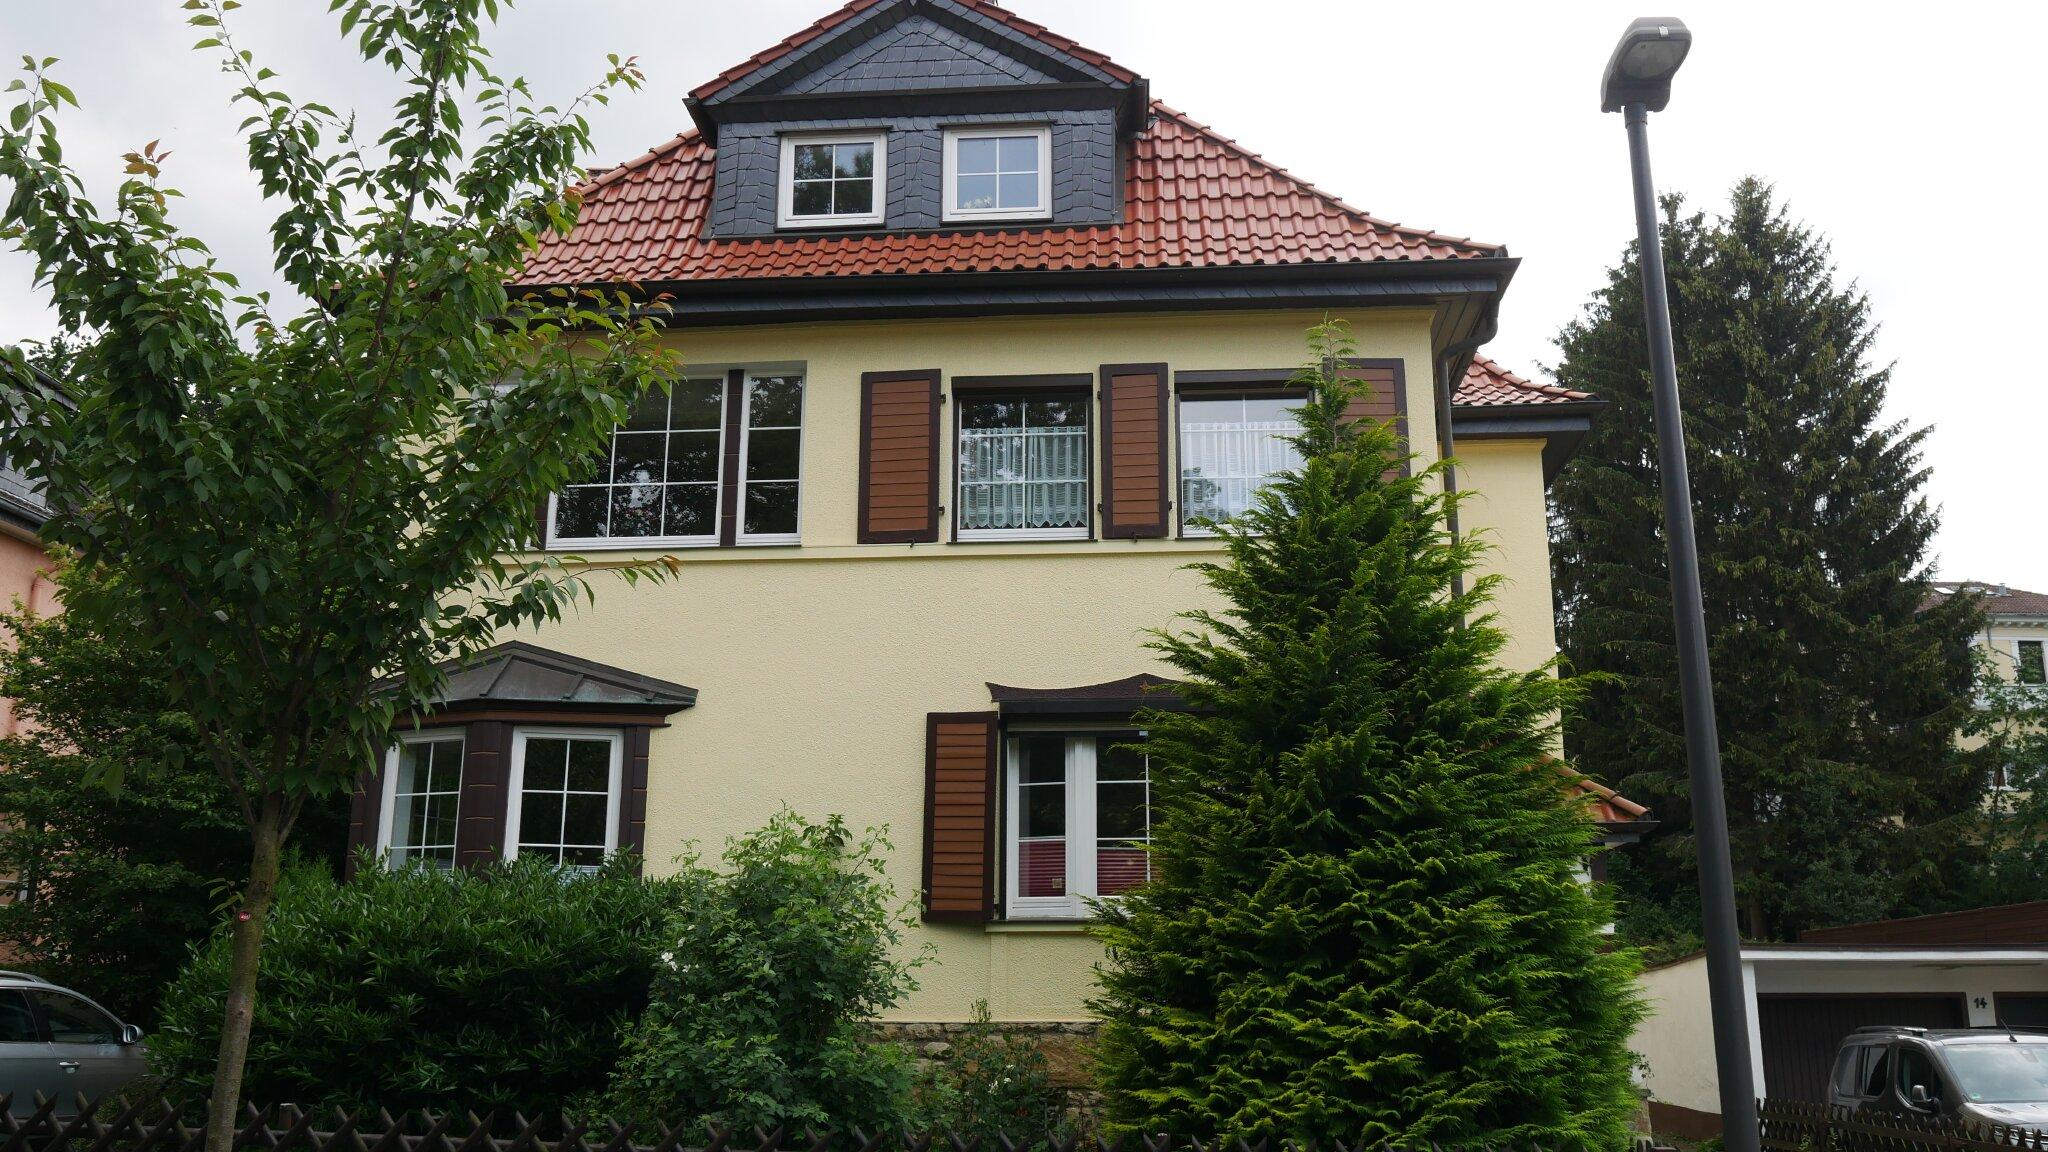 Ferienwohnung Villa Specht in Bad Harzburg Niedersachsen (Georg ...